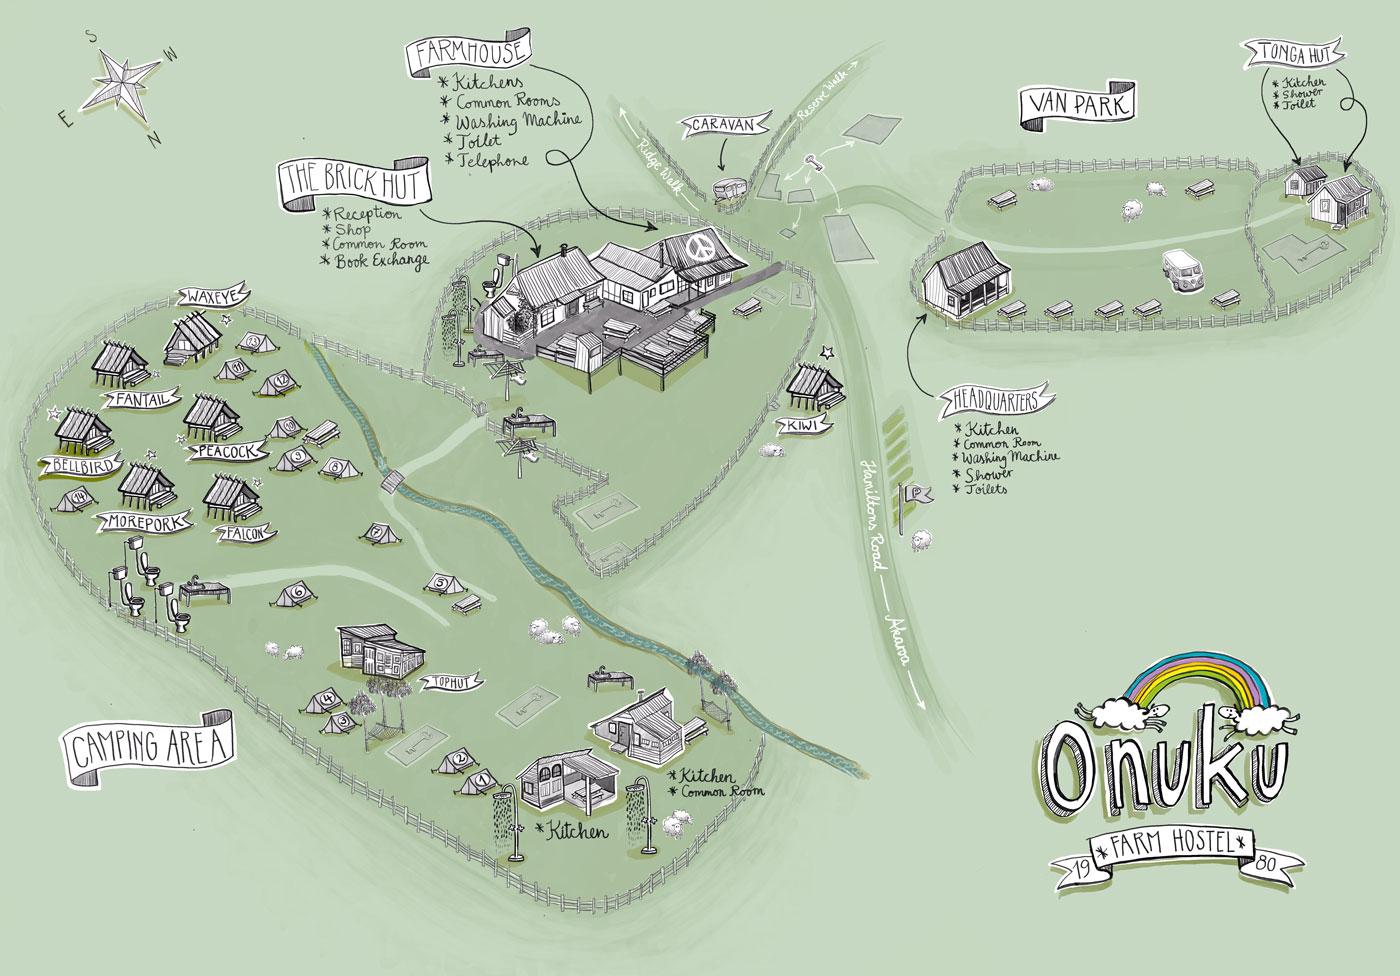 Onuku_map_05